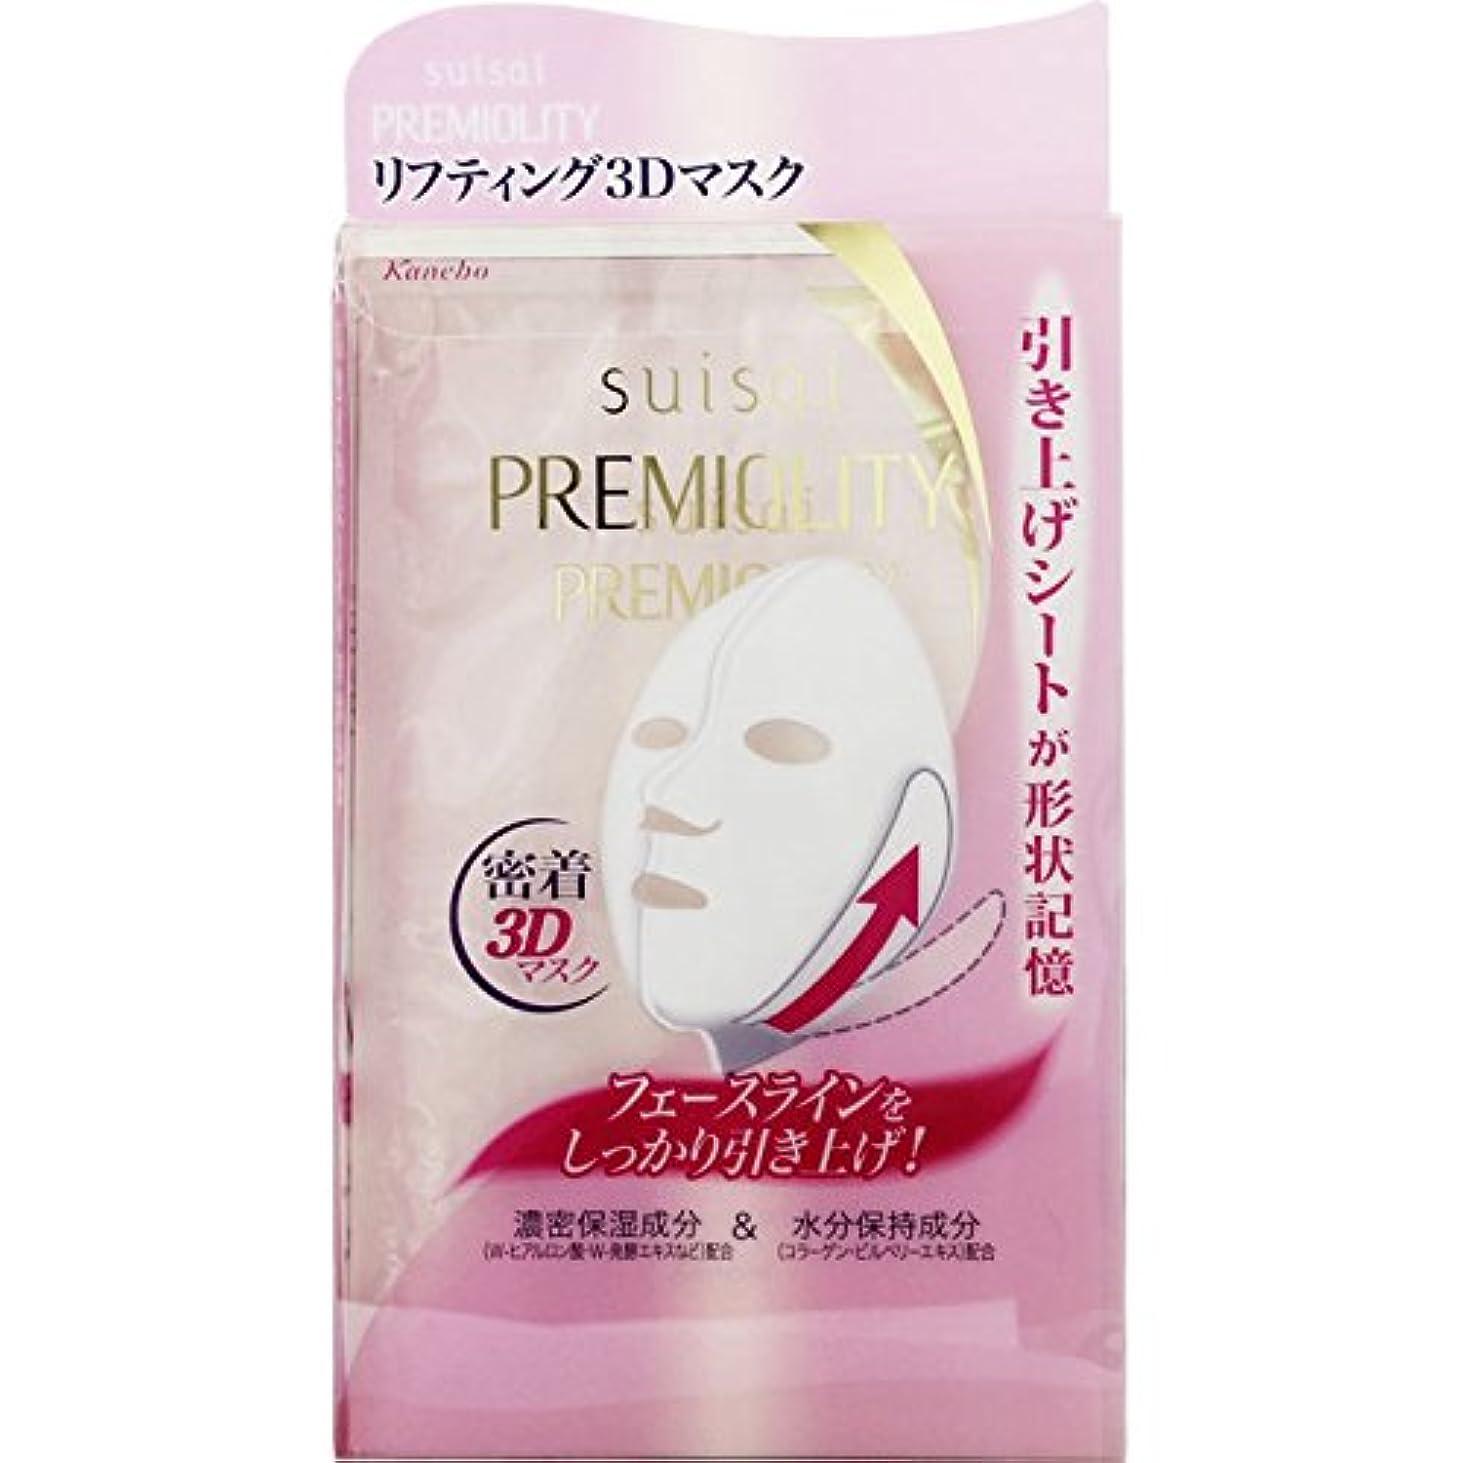 相談見かけ上休眠カネボウ suisai プレミオリティ リフトモイスチャー3Dマスク